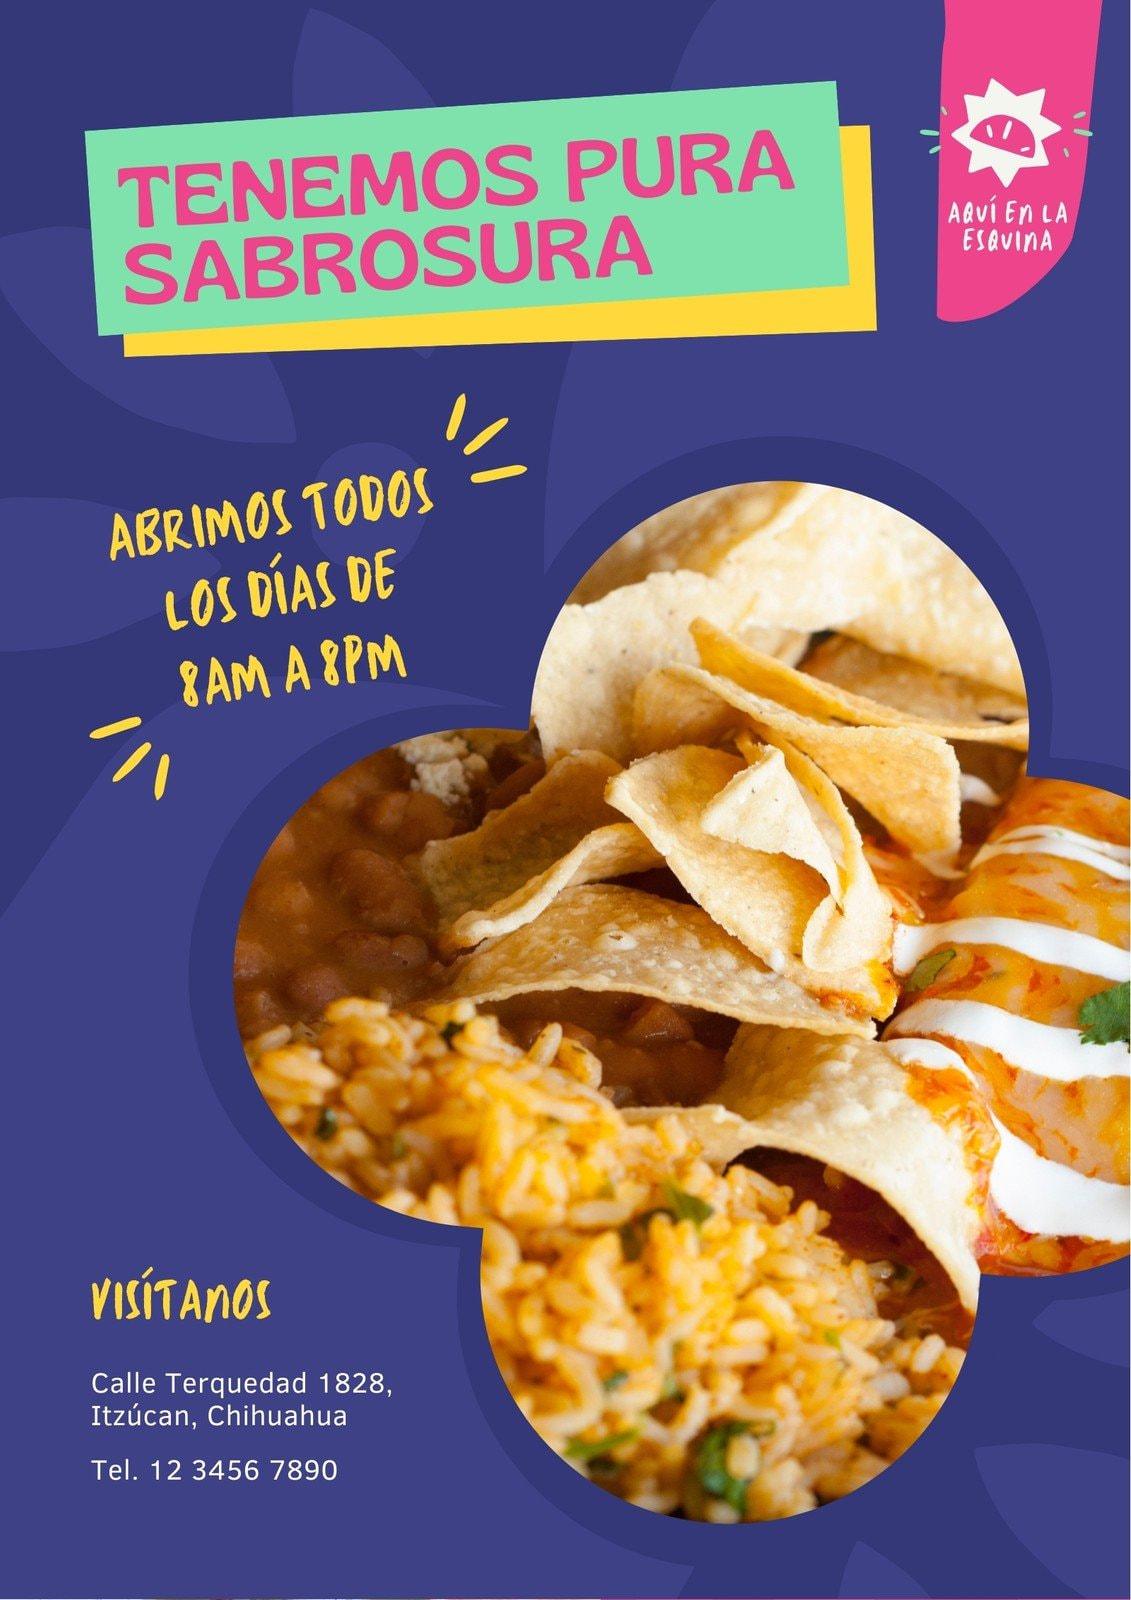 Morado Magenta Restaurante Mexicano Menú Divertido Flyer